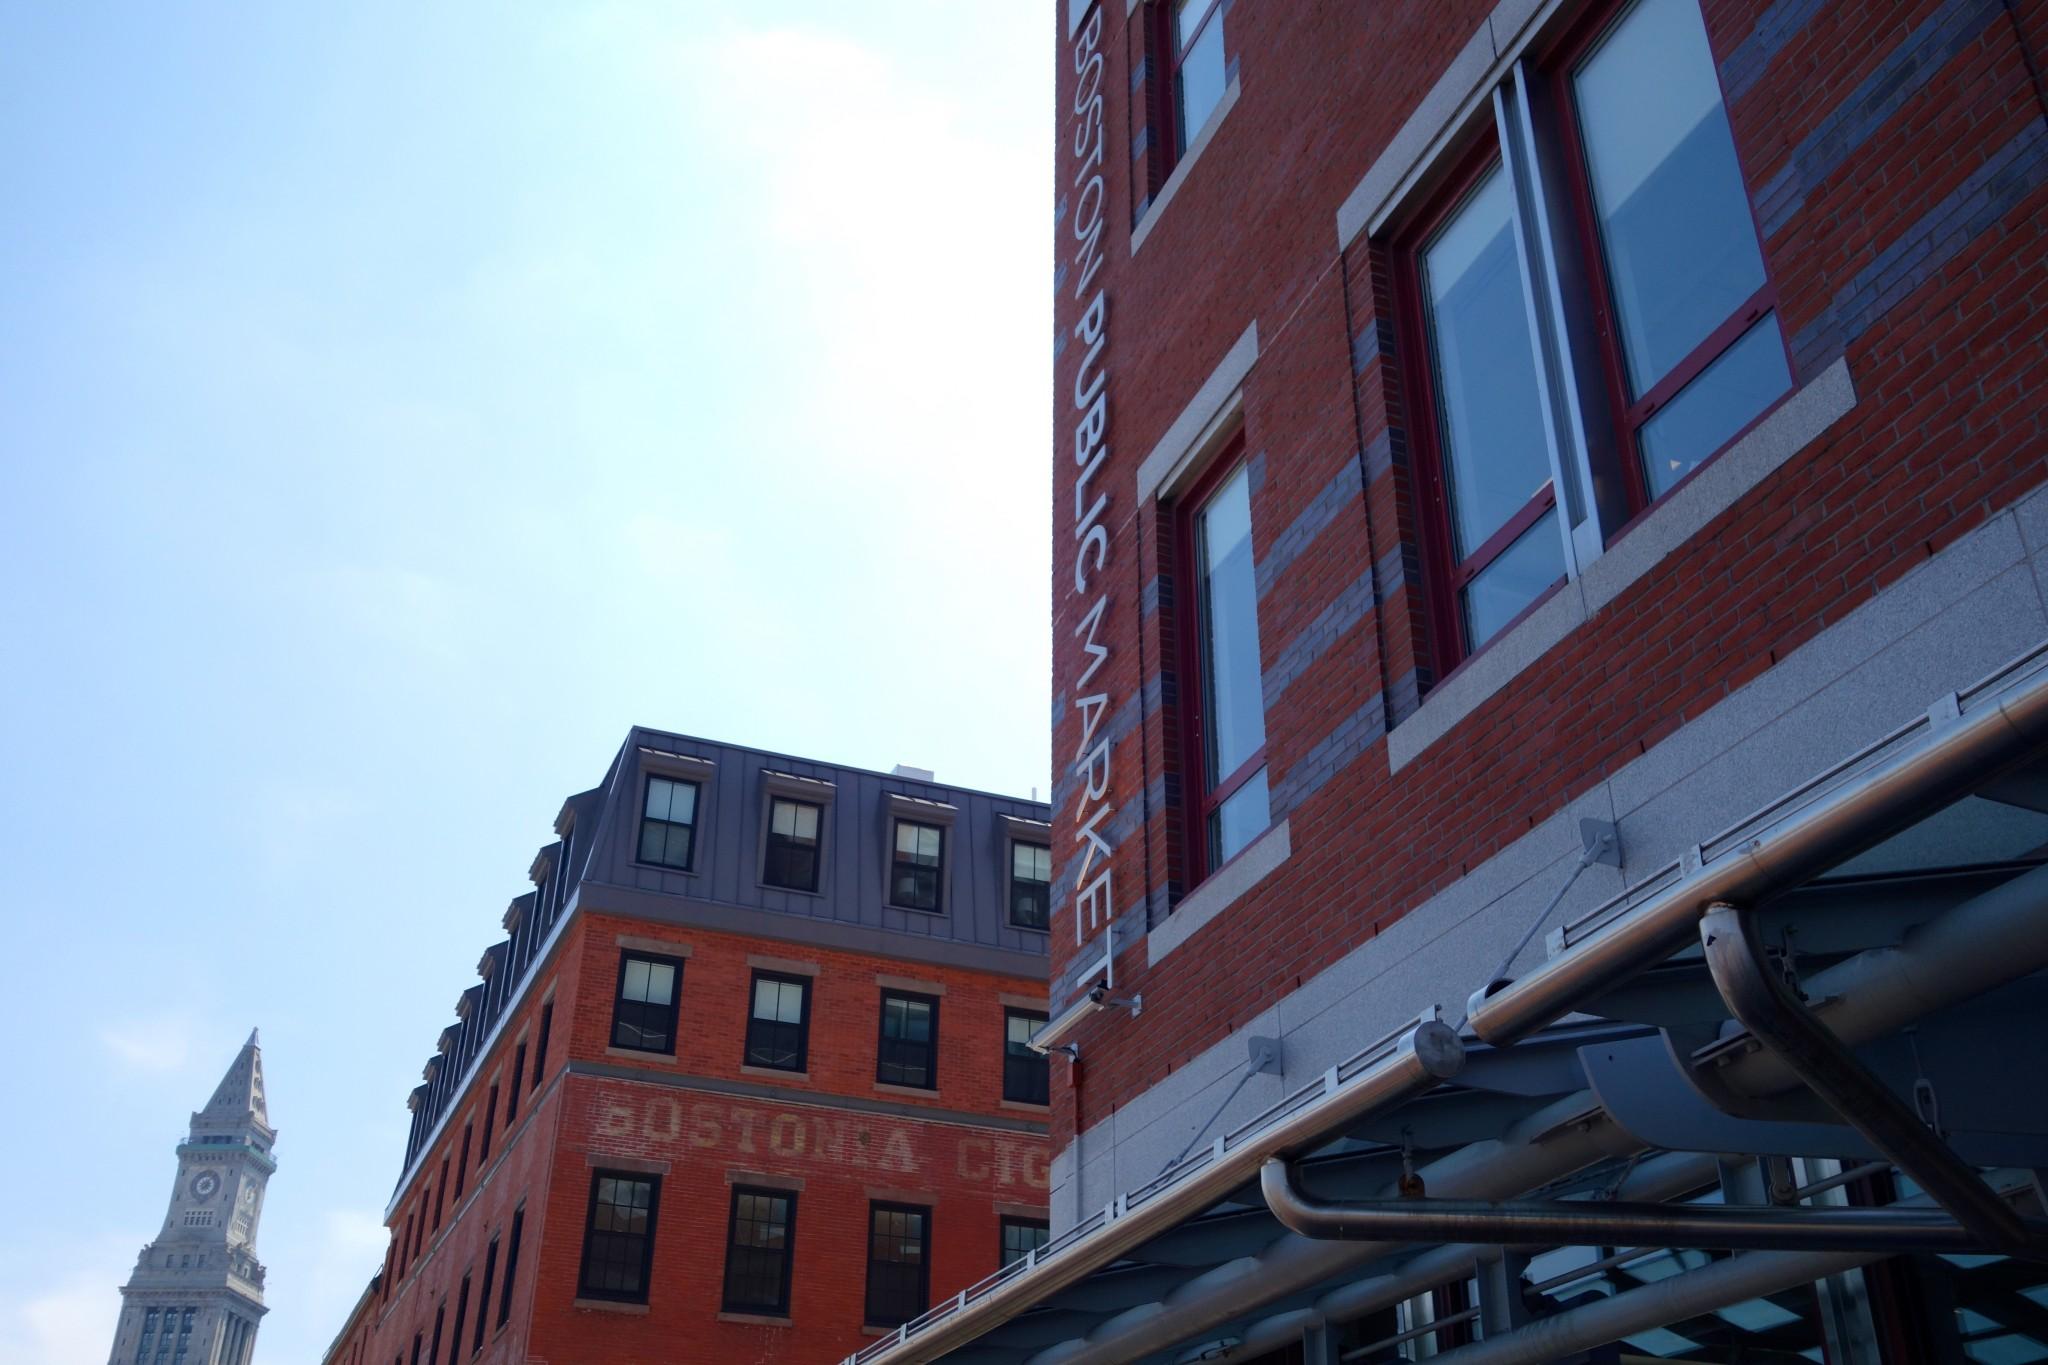 boston public market, the-alyst.com